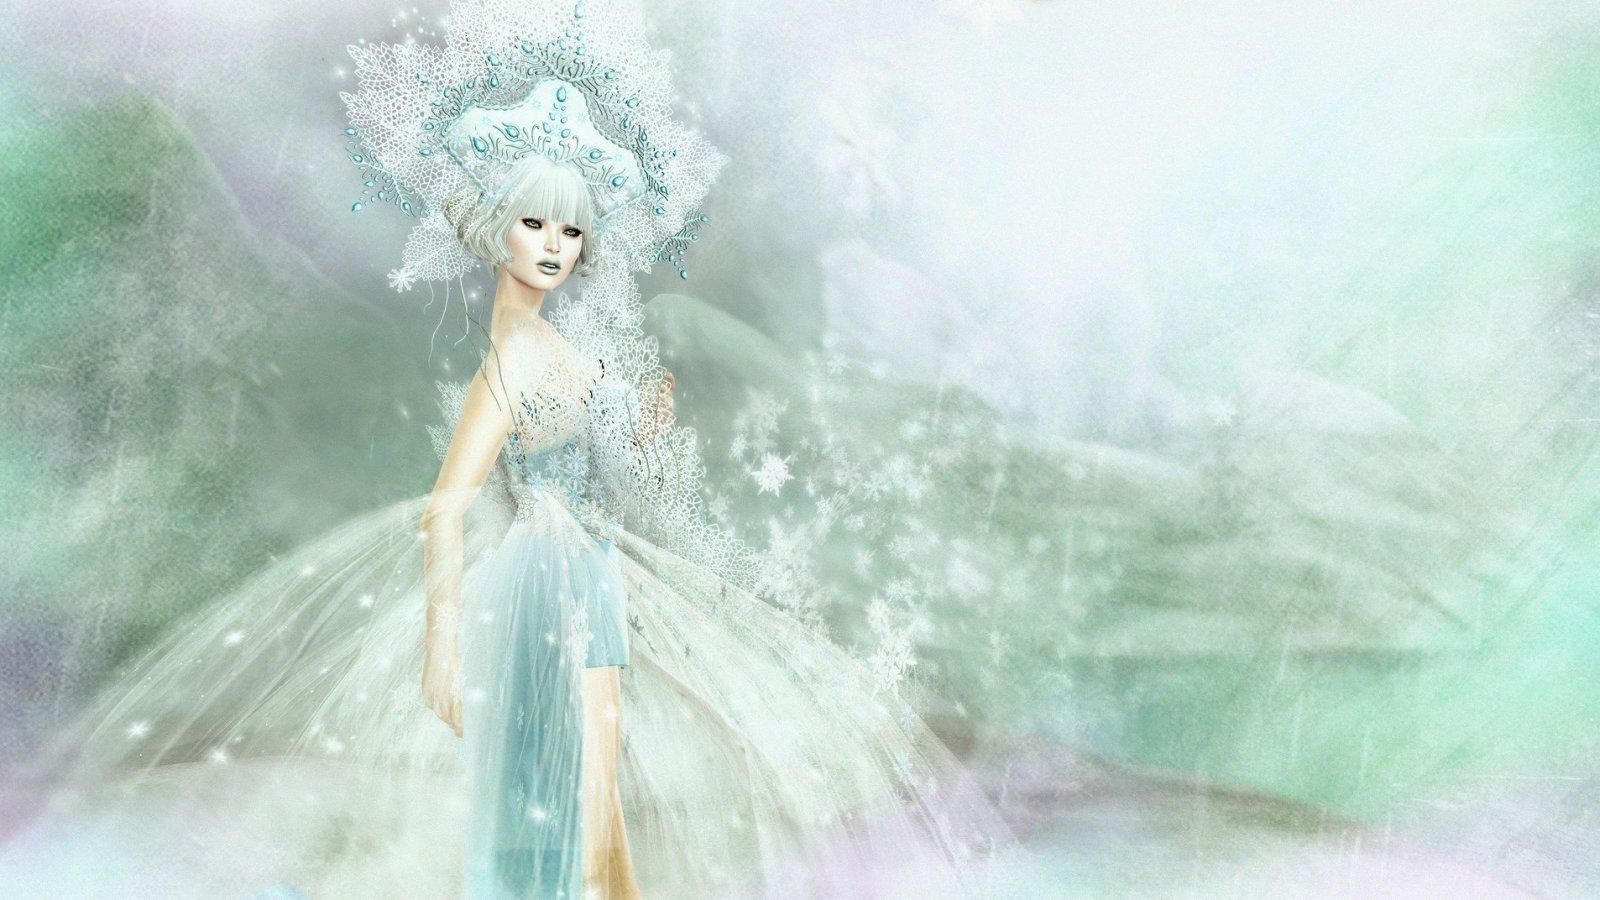 Siberian Ice Queen